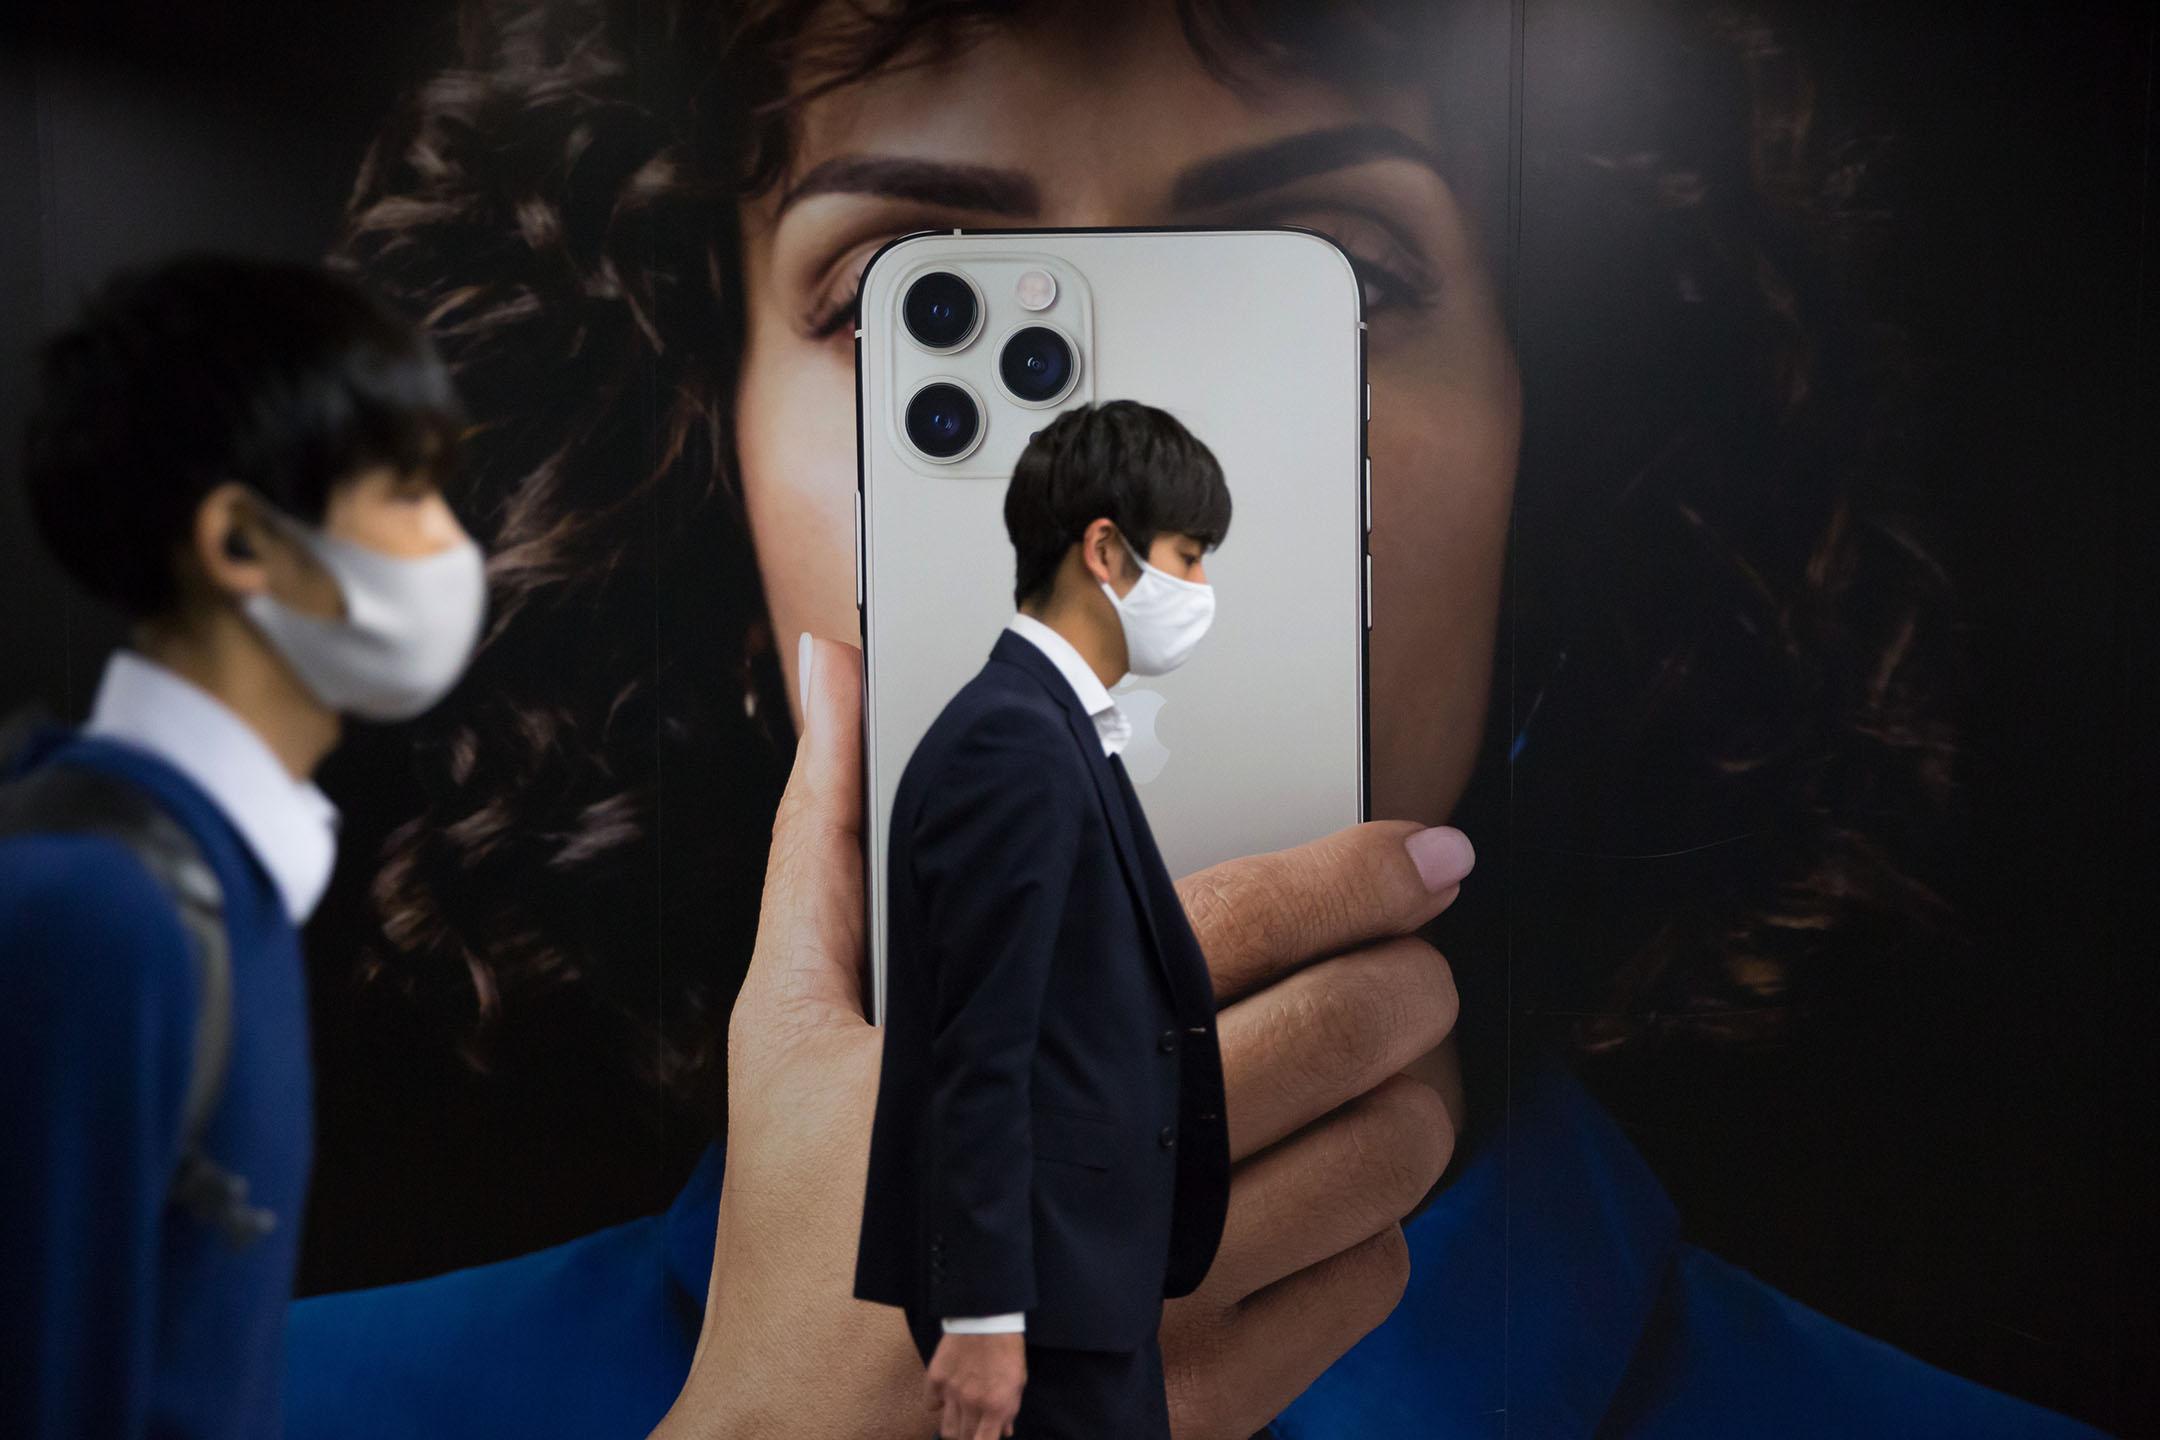 2020年10月30日本東京,戴著口罩的市民走過iPhone的廣告。 攝:Stanislav Kogiku/LightRocket via Getty Images